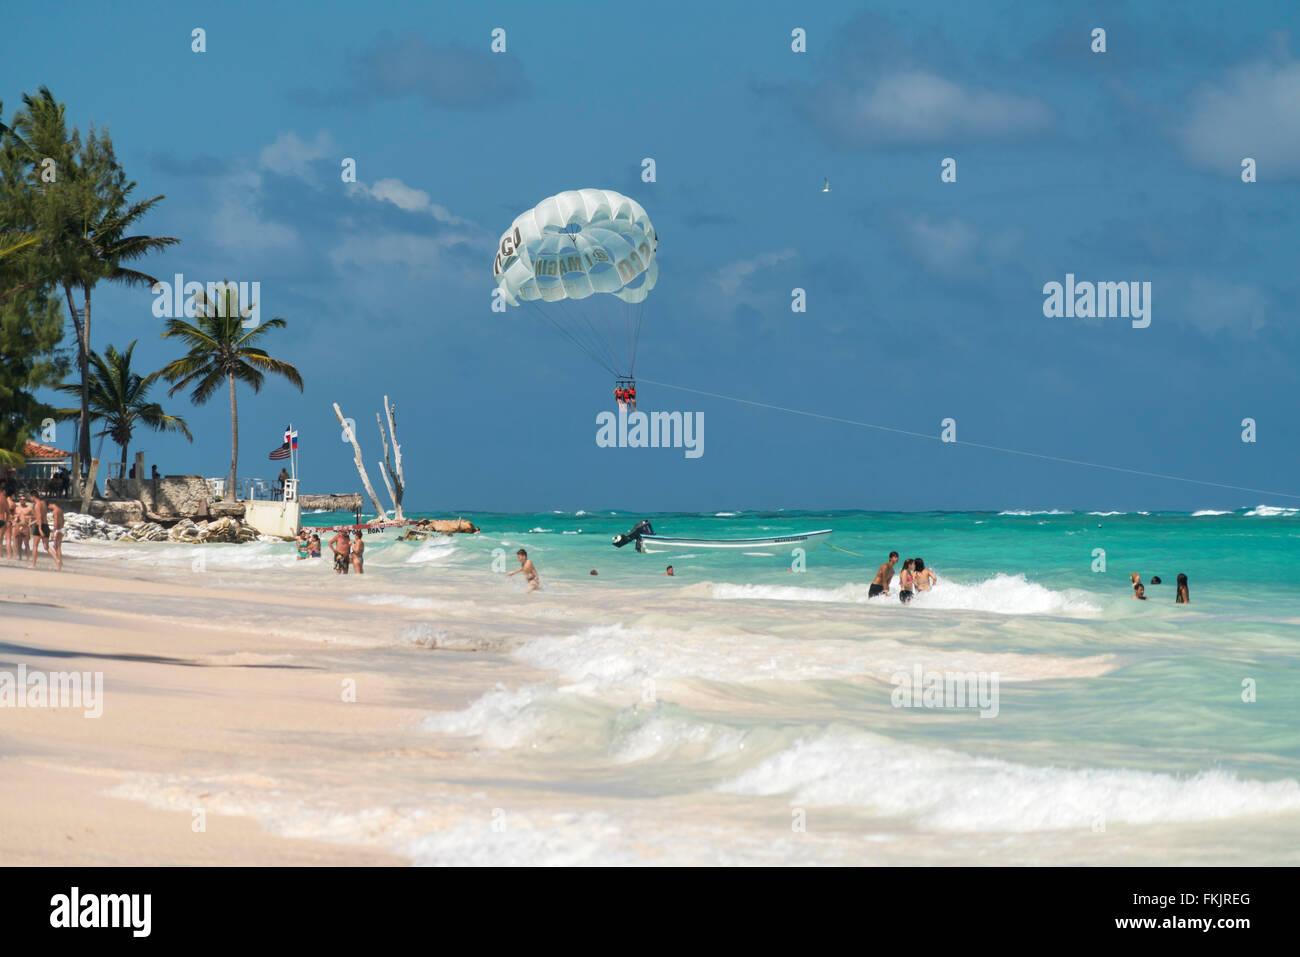 Il parasailing al orlata di palme sulla spiaggia di sabbia di Playa Bavaro, Punta Cana, Repubblica Dominicana, Caraibi, Immagini Stock